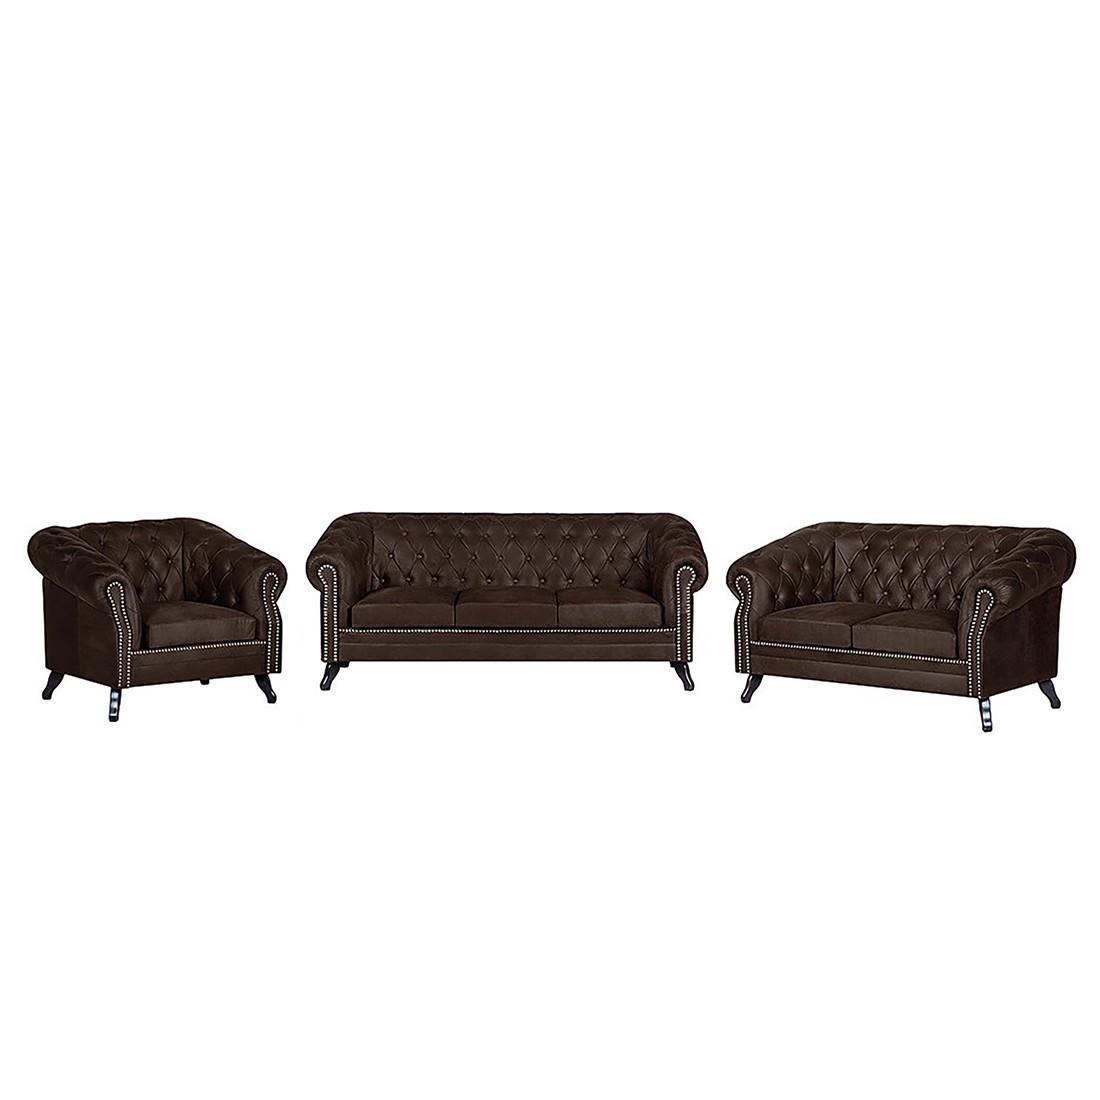 goedkoop Gestoffeerde meubelset Benavente 3zitsbank 2zitsbank en fauteuil donkerbruine antiek leren look ars manufacti